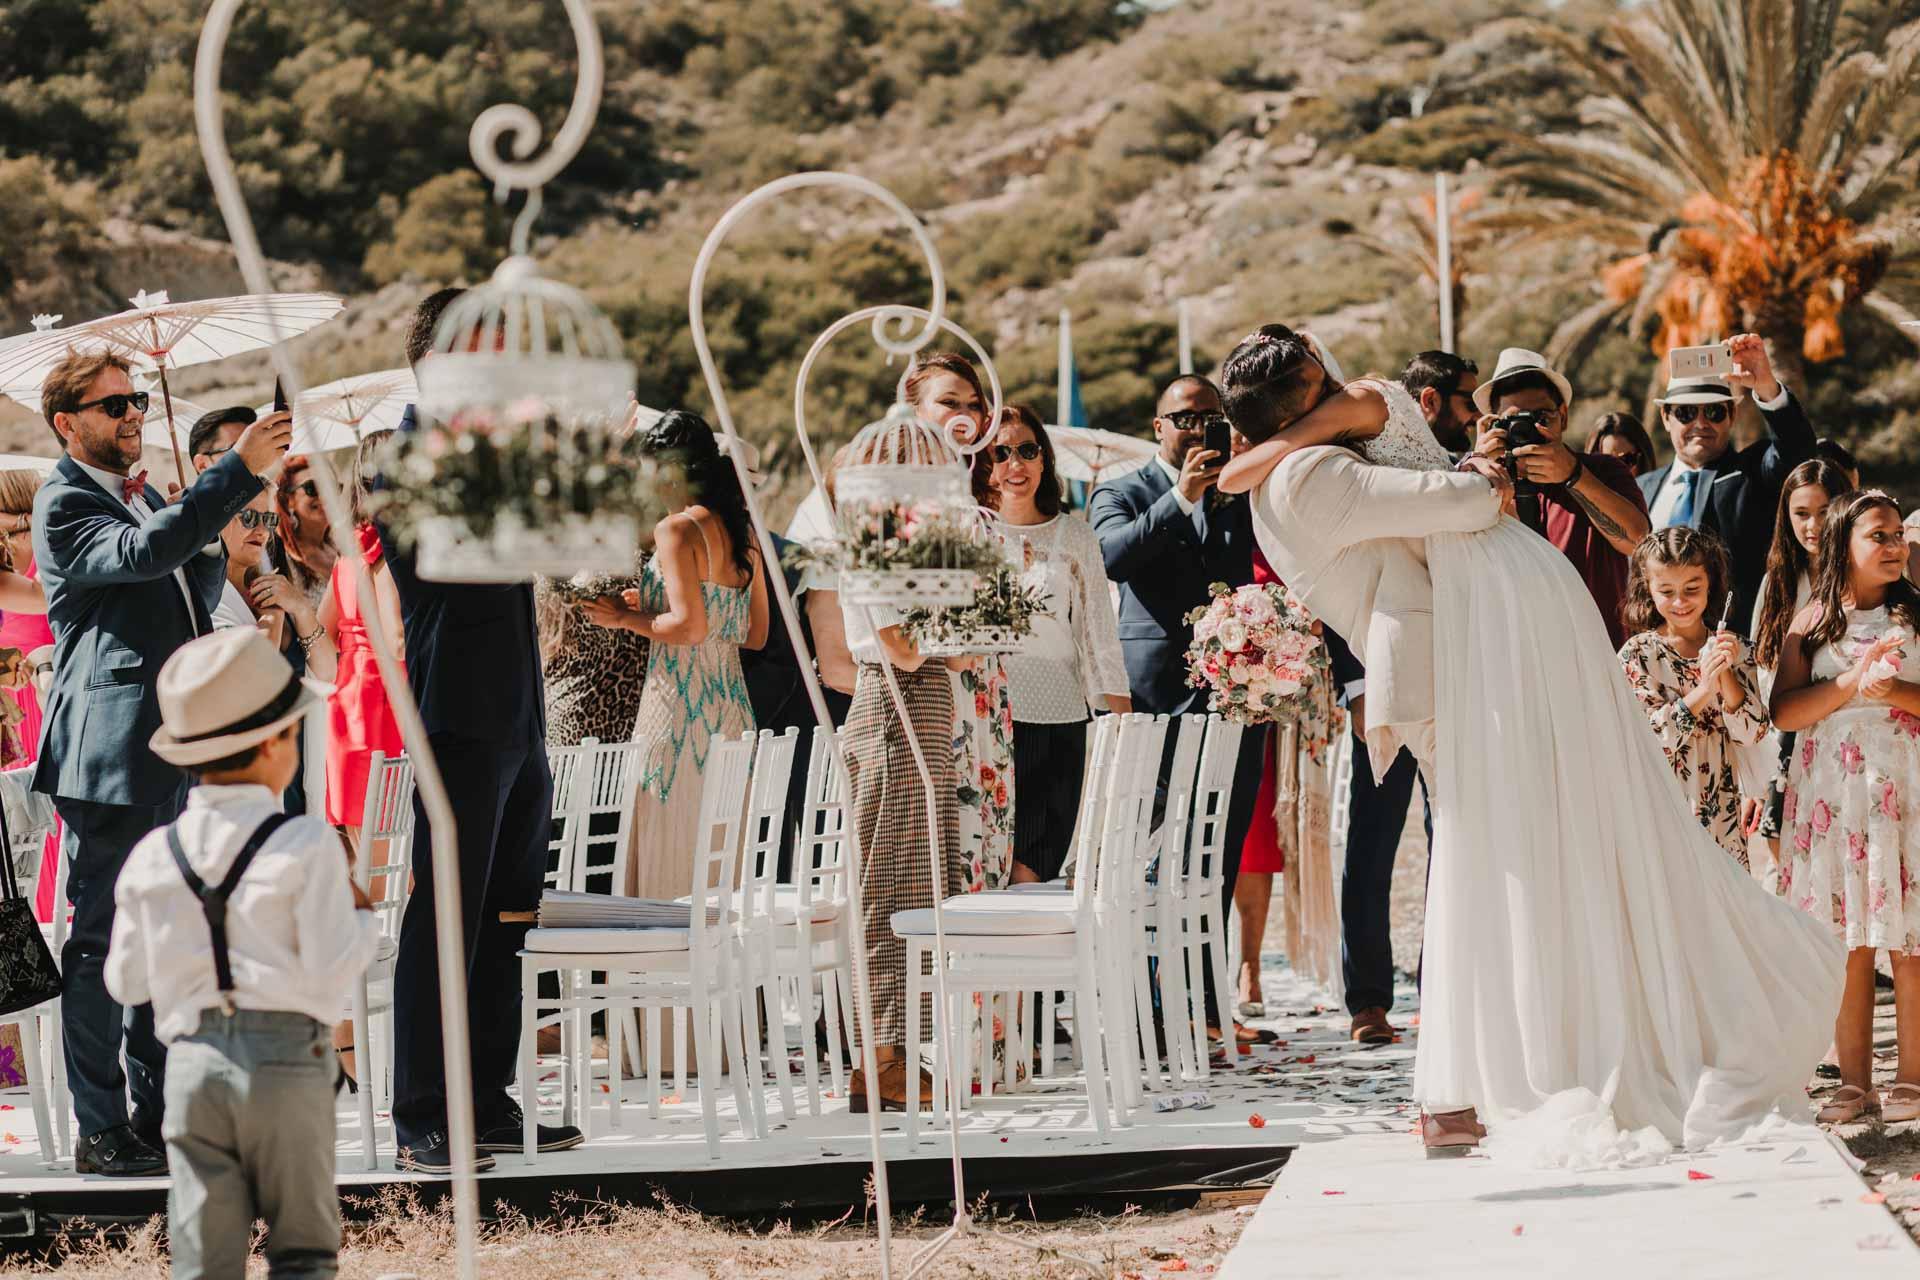 Imagine Love Cinema – premio a la empresa mejor valorada en fotografía y videos de boda en Alicante